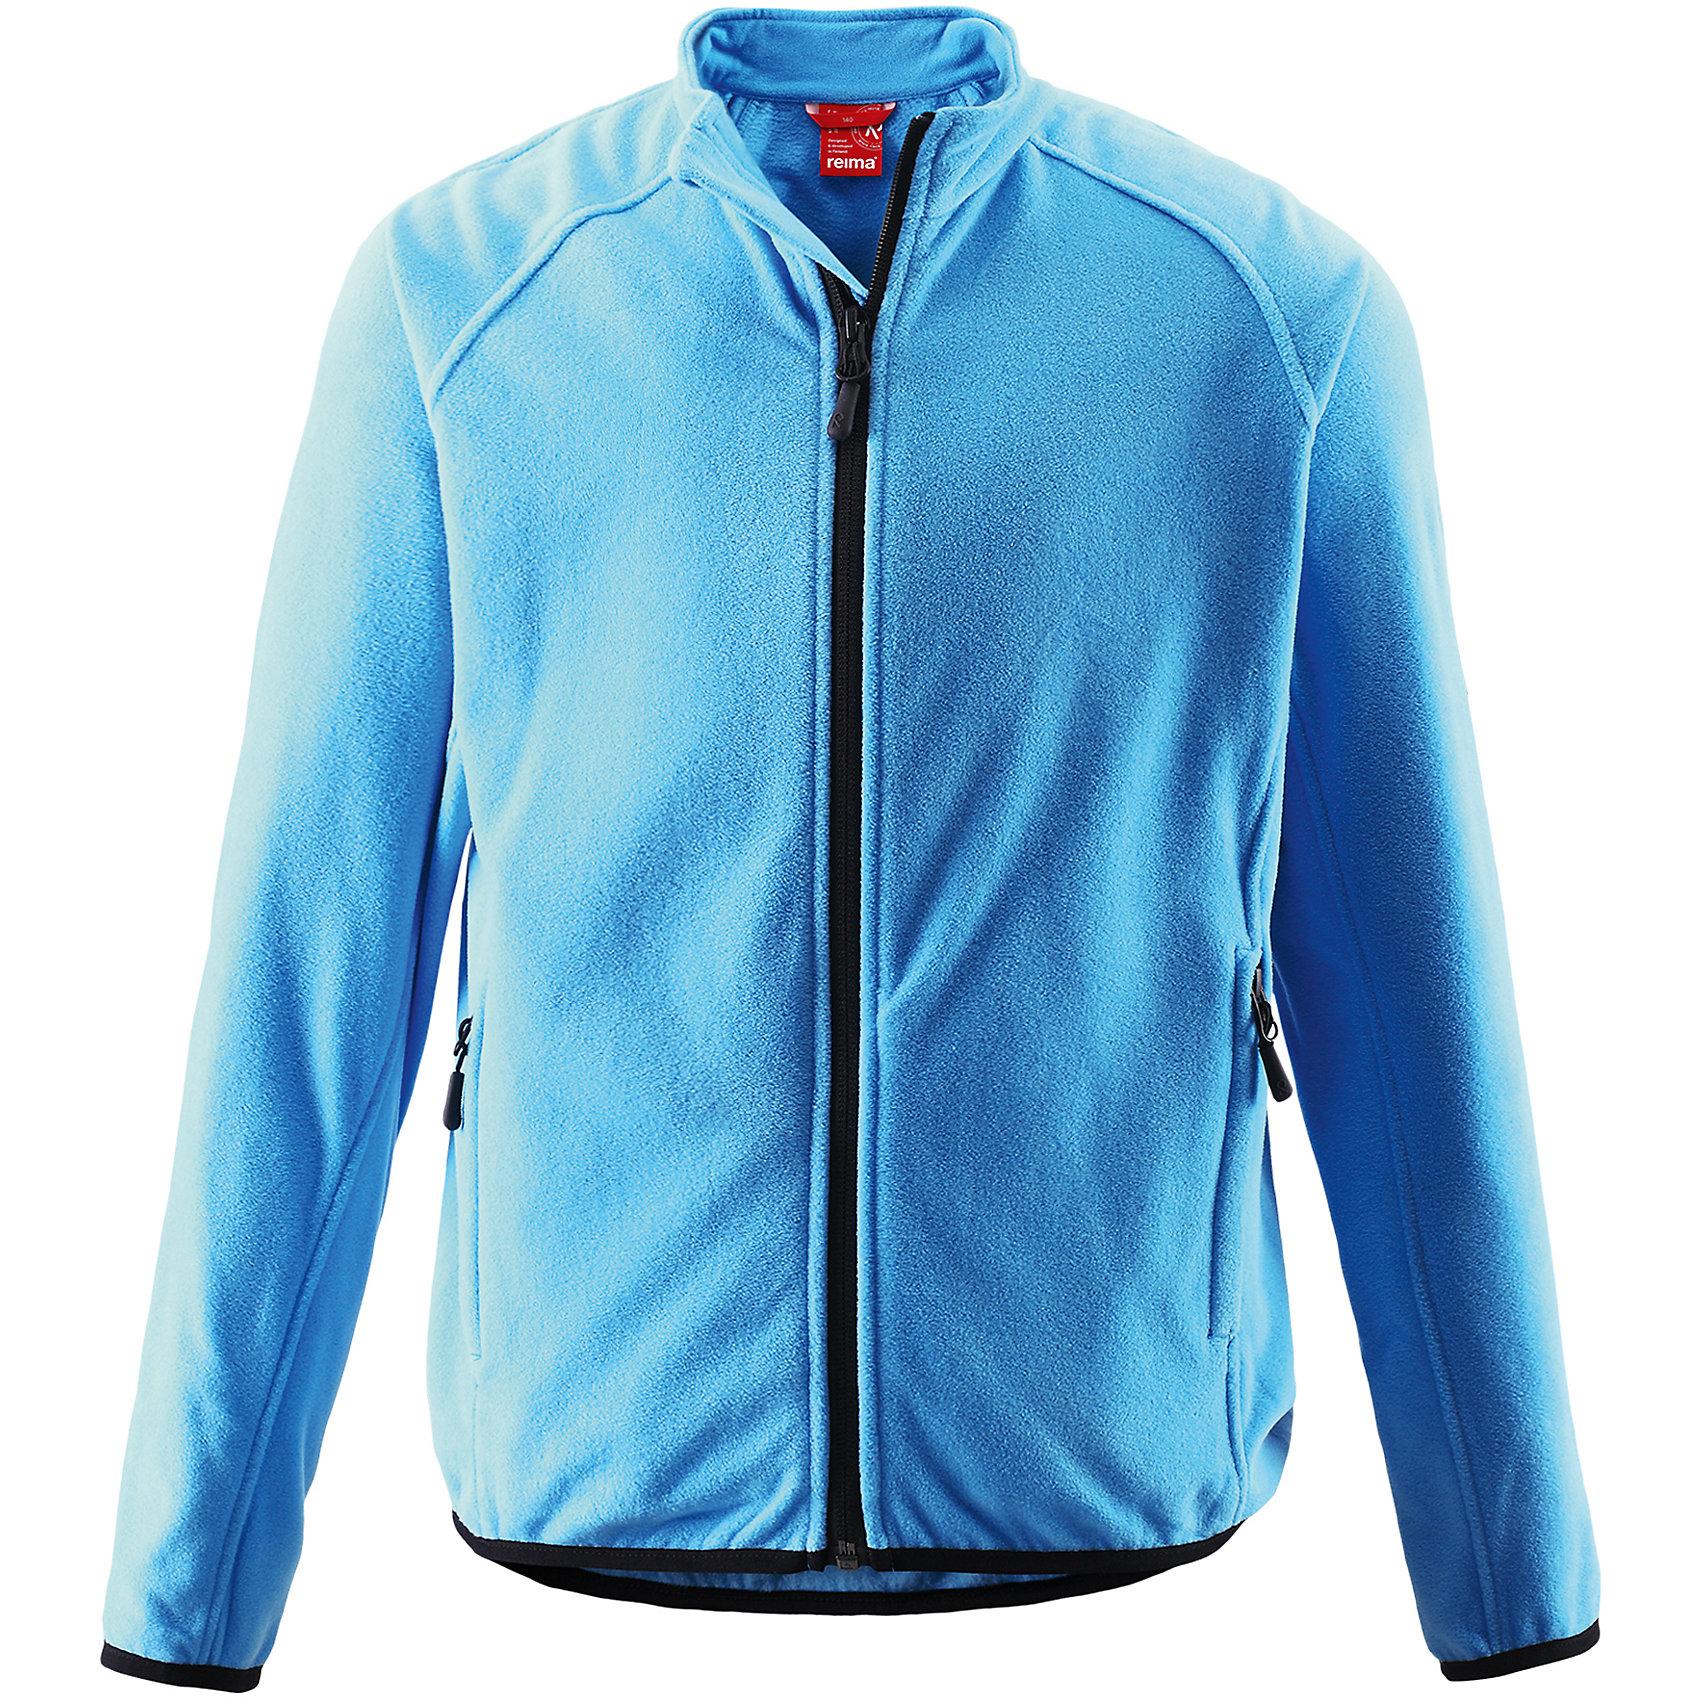 Куртка Riddle ReimaФлисовая куртка для подростков. Выводит влагу наружу и быстро сохнет. Теплый, легкий и быстросохнущий поларфлис. Эластичные манжеты. Удлиненный подол сзади для дополнительной защиты. Молния по всей длине с защитой подбородка. Два кармана на молнии. Аппликация .<br>Состав:<br>100% ПЭ<br><br>Ширина мм: 356<br>Глубина мм: 10<br>Высота мм: 245<br>Вес г: 519<br>Цвет: синий<br>Возраст от месяцев: 60<br>Возраст до месяцев: 72<br>Пол: Унисекс<br>Возраст: Детский<br>Размер: 128,122,116,158<br>SKU: 5309402